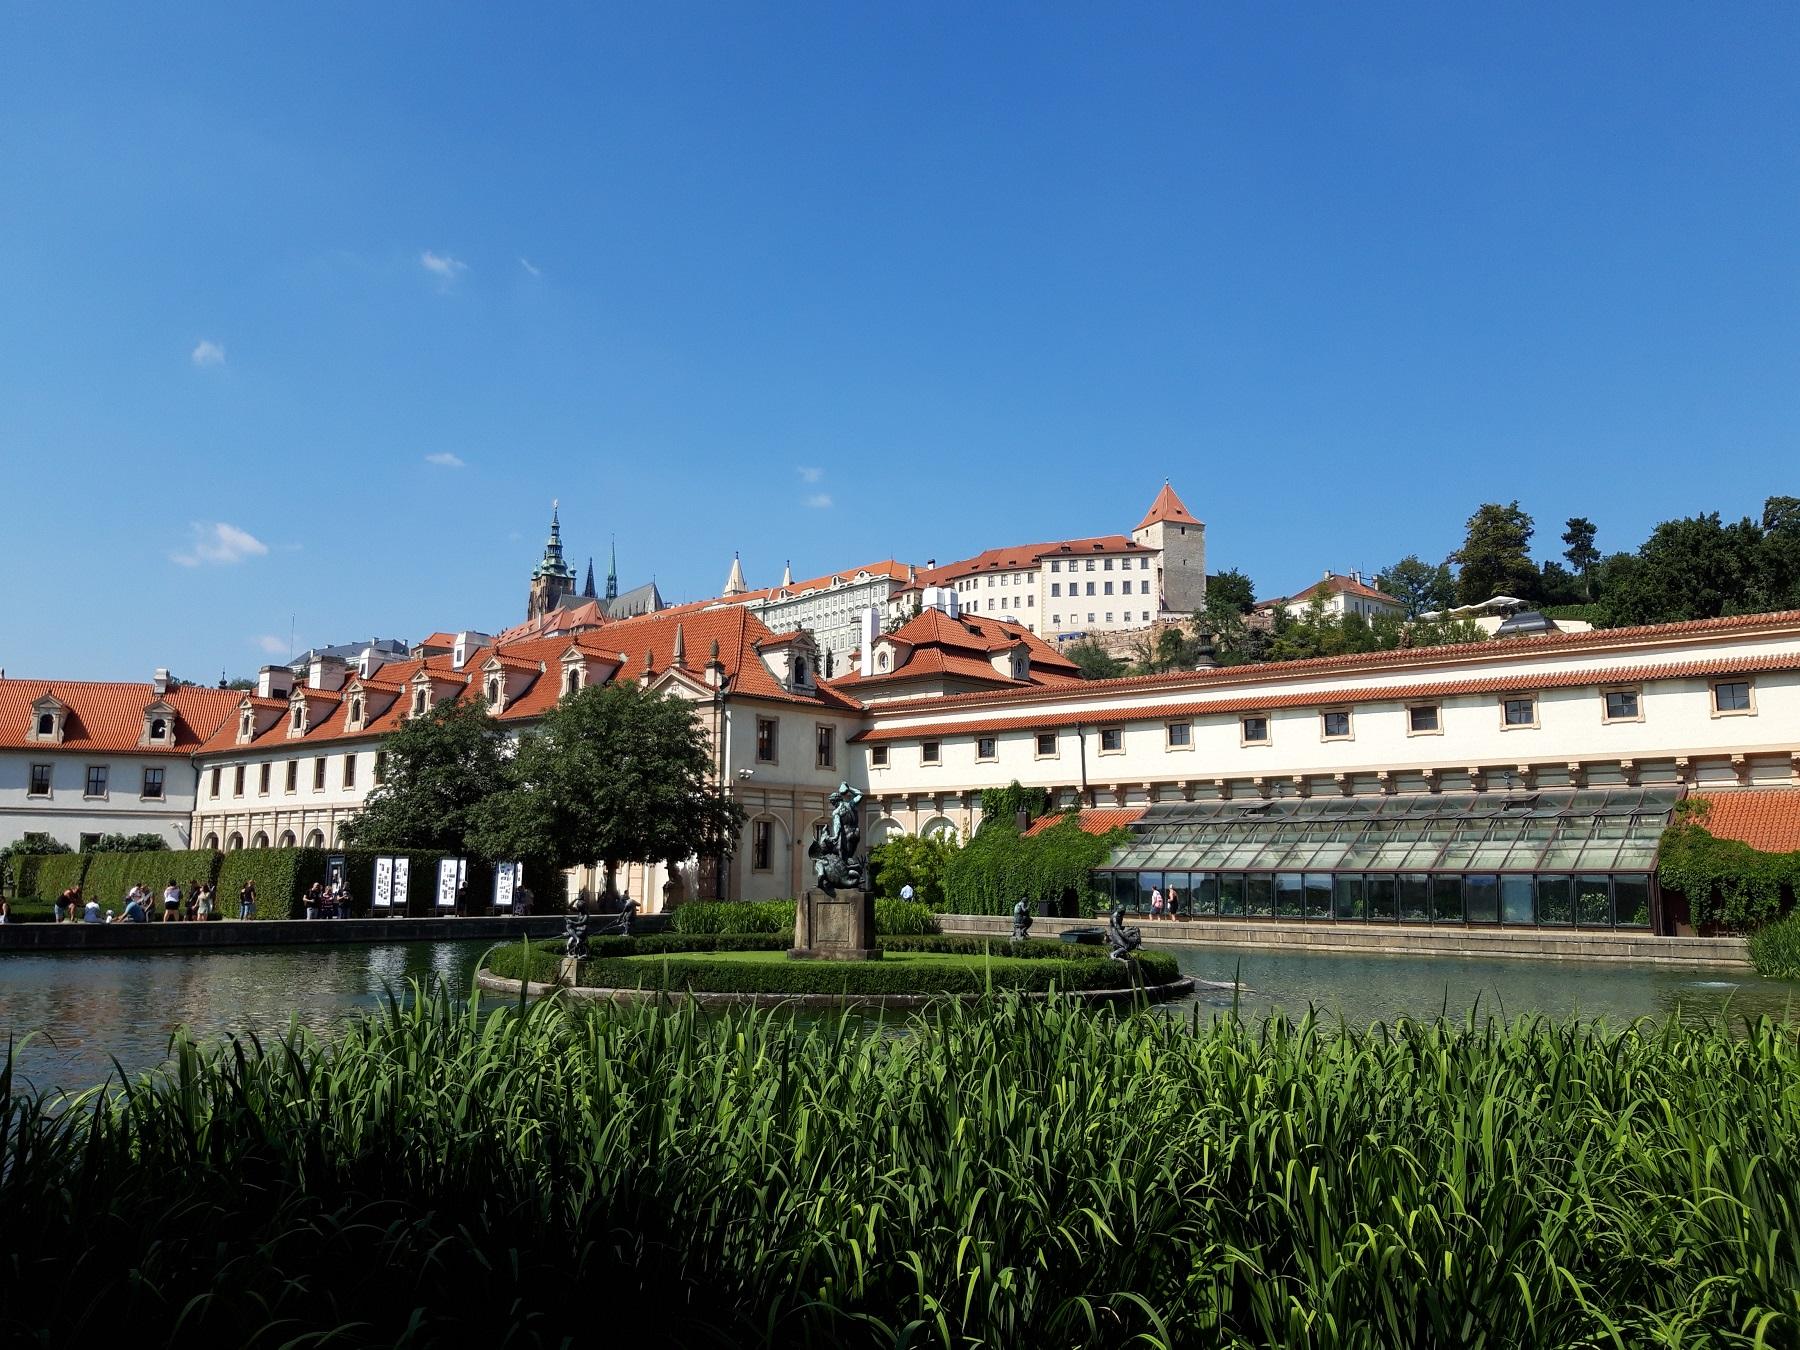 Blick von der Karlsbrücke zur Burg